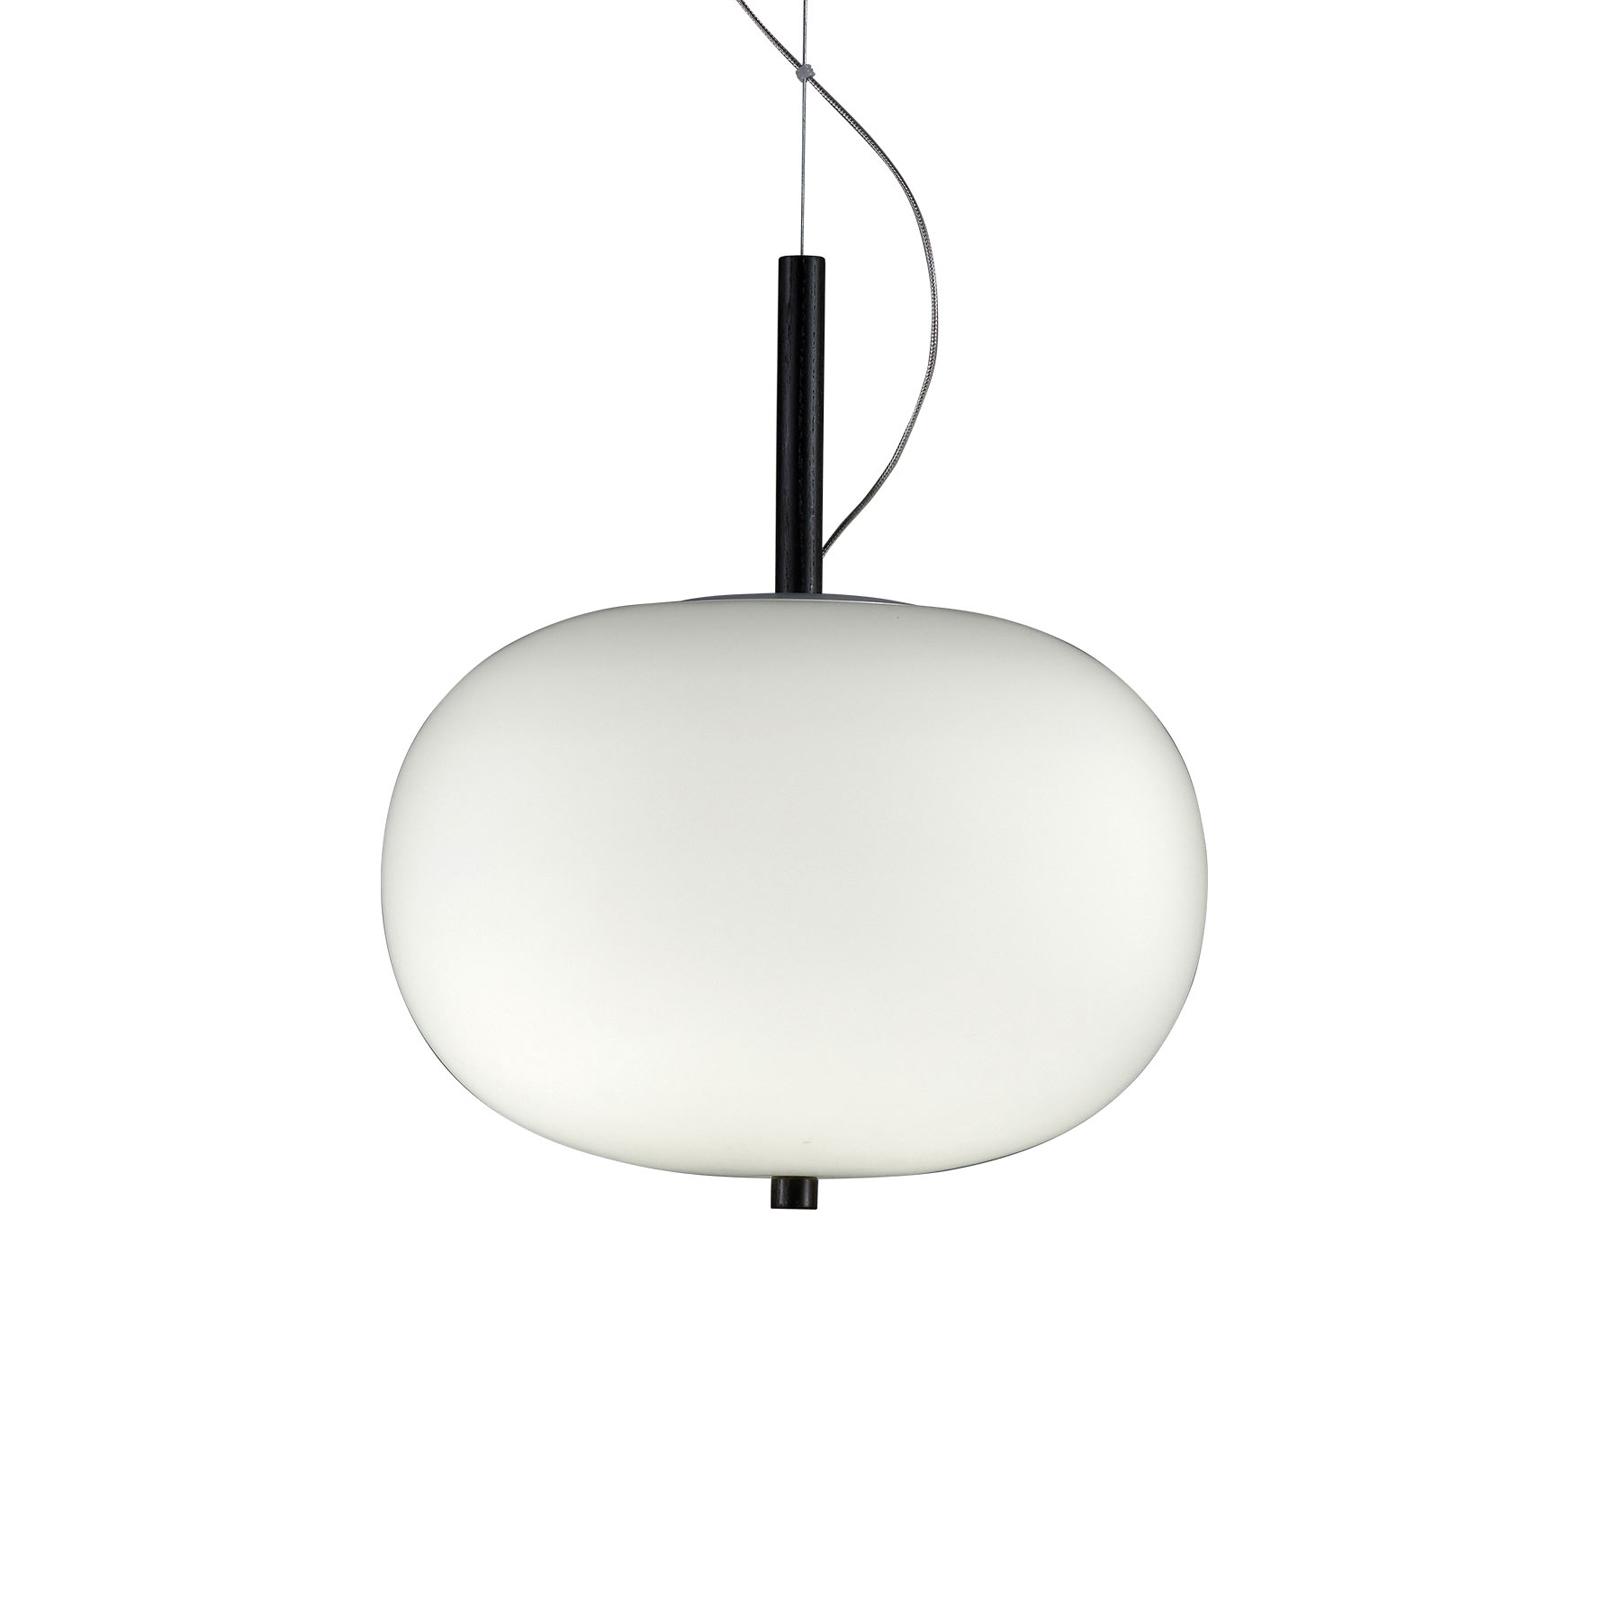 Grok Ilargi Phase LED-hængelampe, mørk, Ø 24 cm